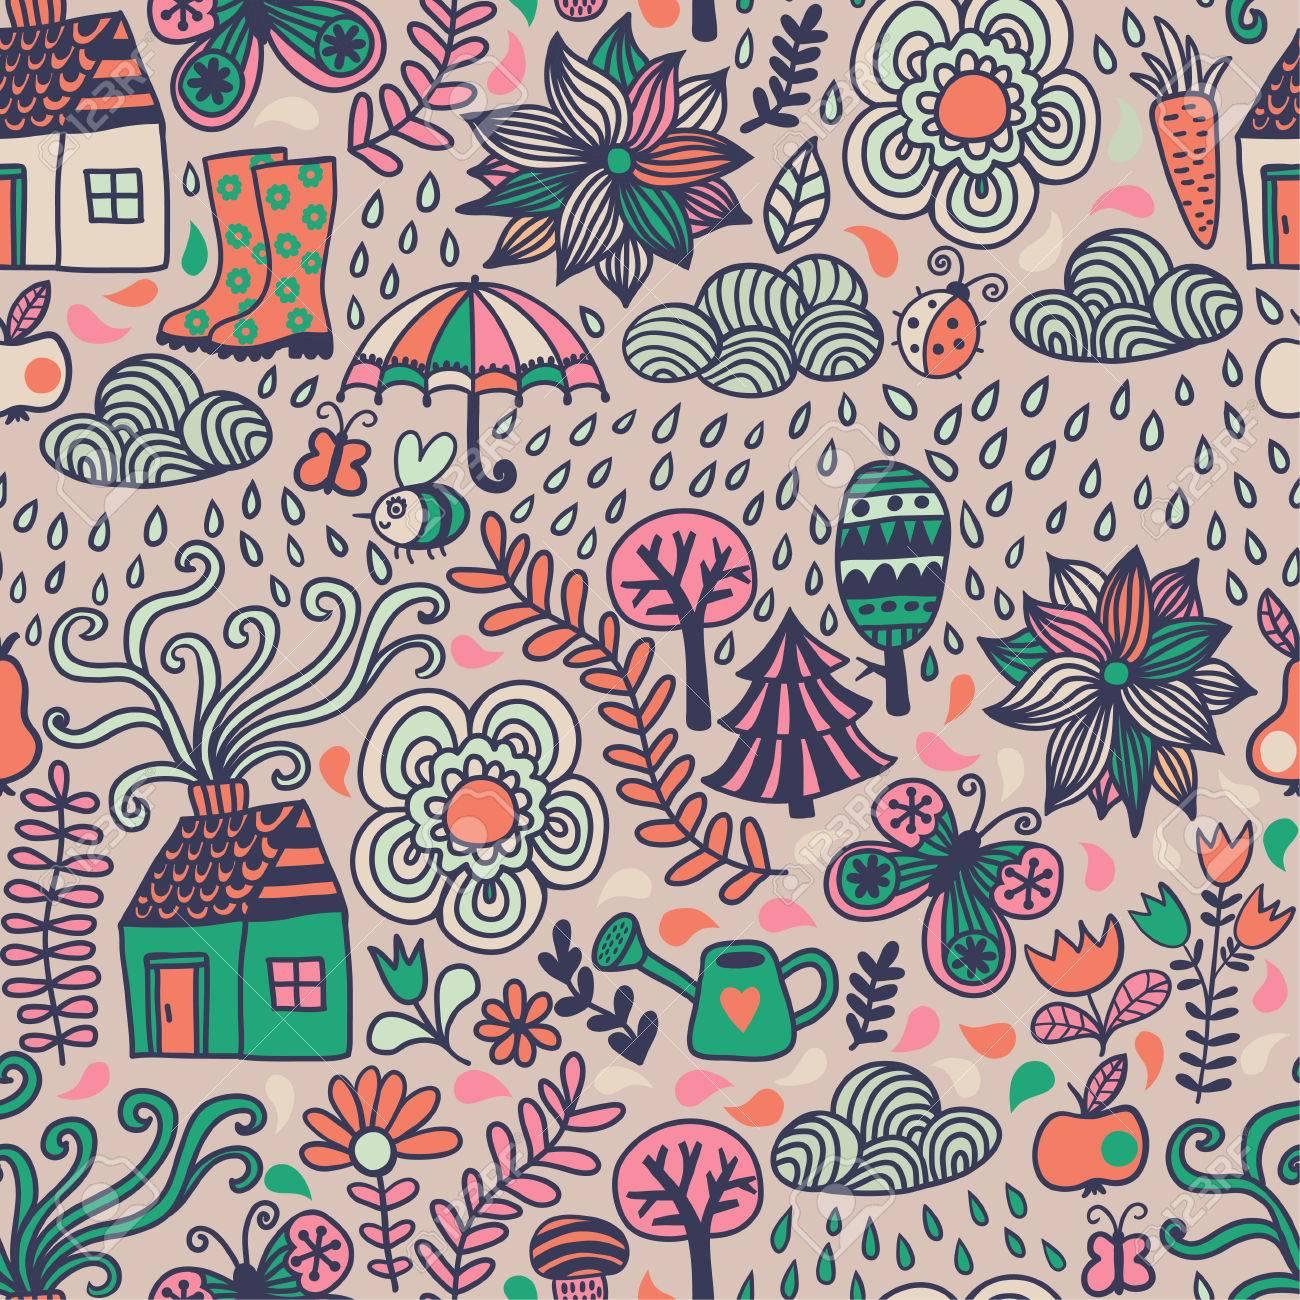 Vektor Nahtlose Muster Herbst Doodles Karte Hand Zeichnen Baume